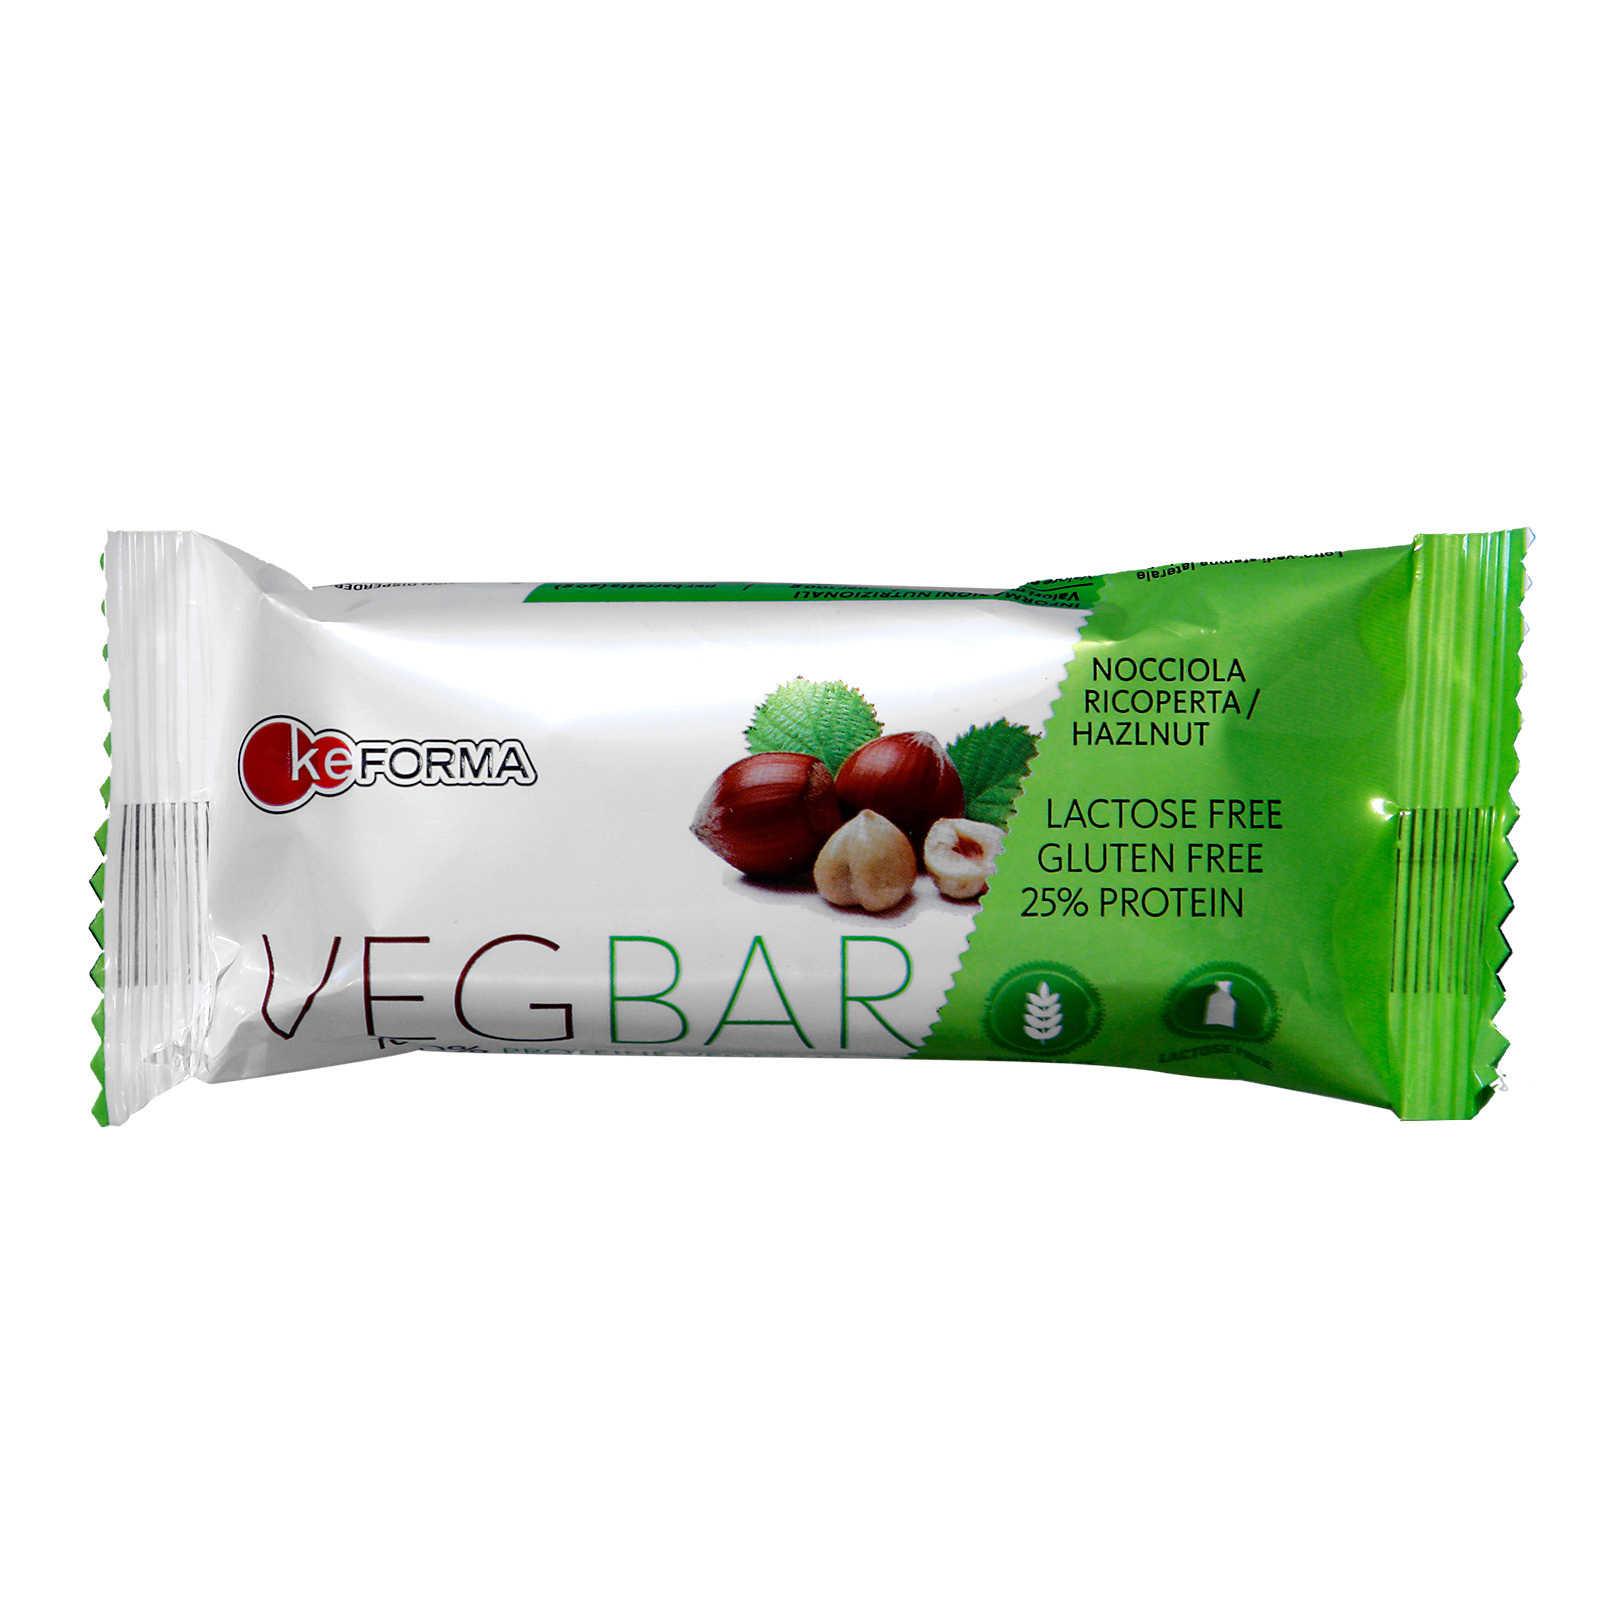 Keforma - Integratore Aliementare con Proteine Vegetali - Veg Bar - Nocciola